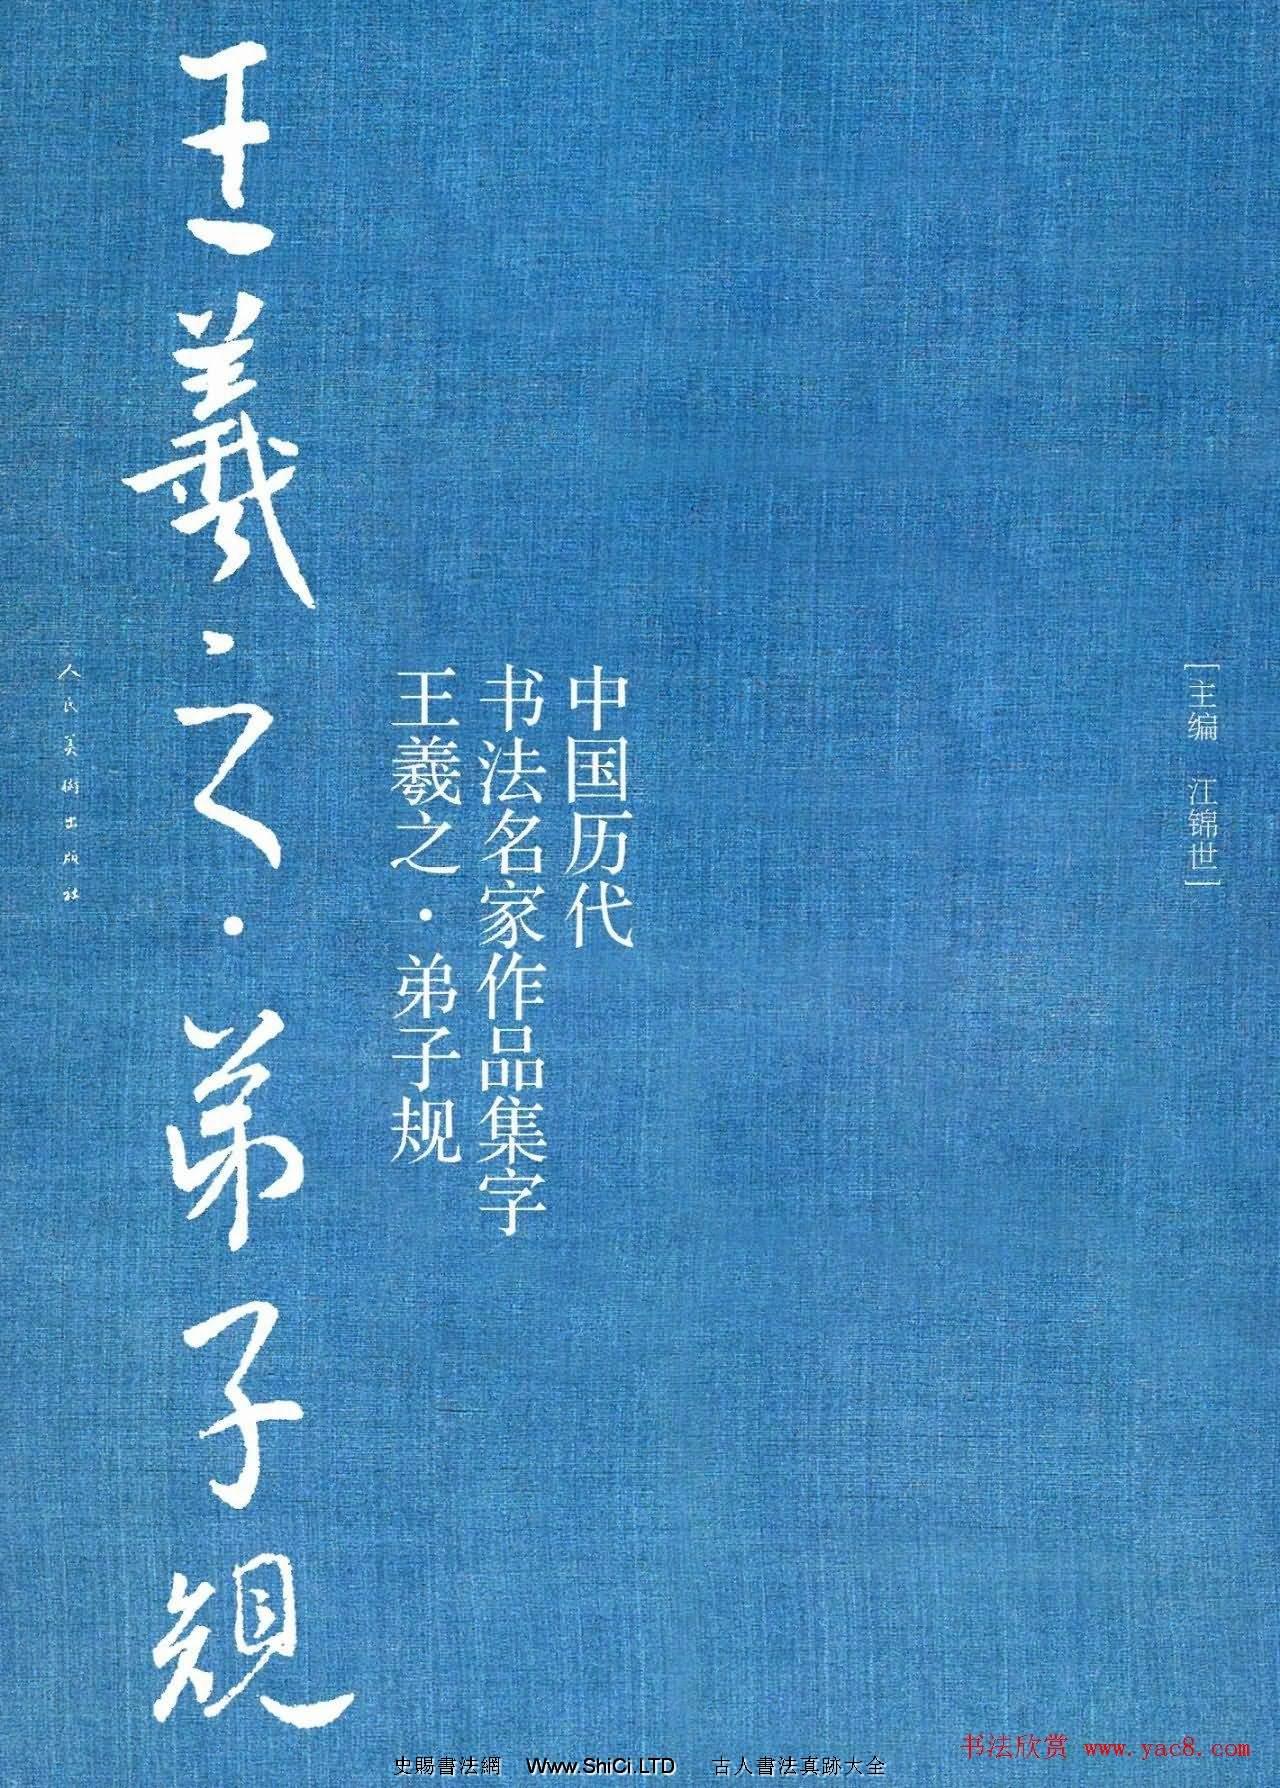 王羲之聖教序集字《弟子規》(共60張圖片)